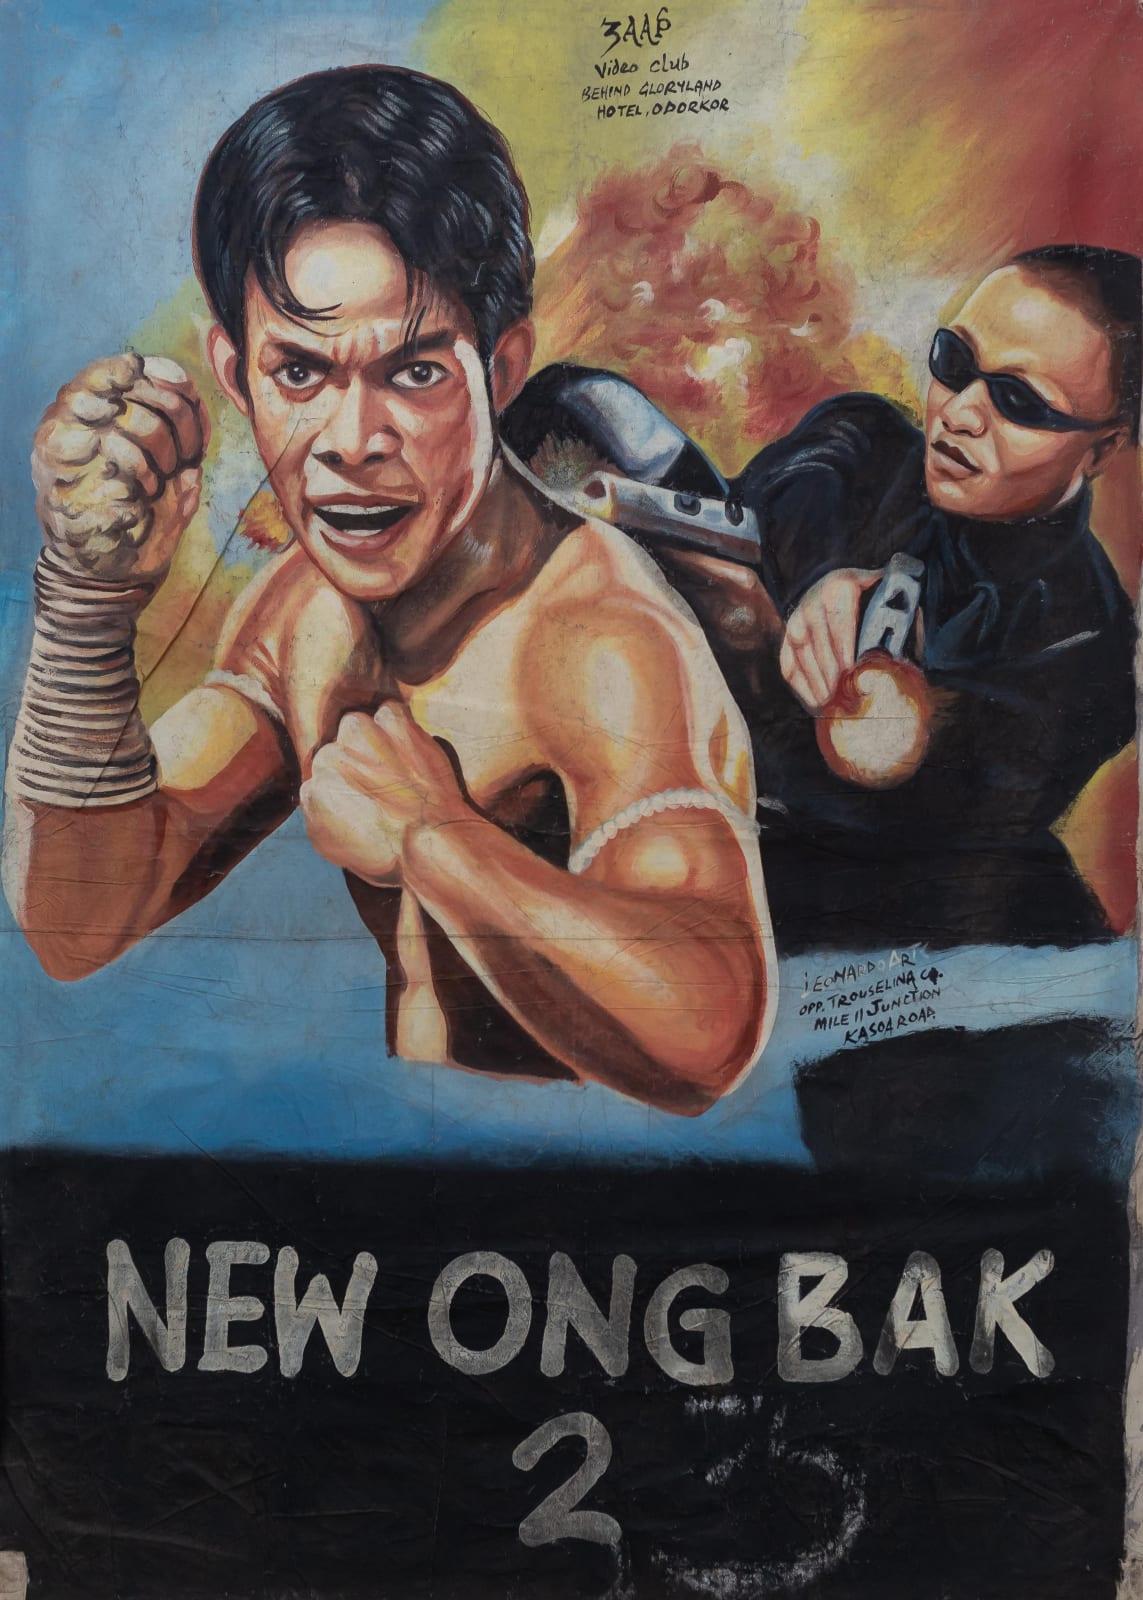 New Ong Bak 2 147 x 105 cm